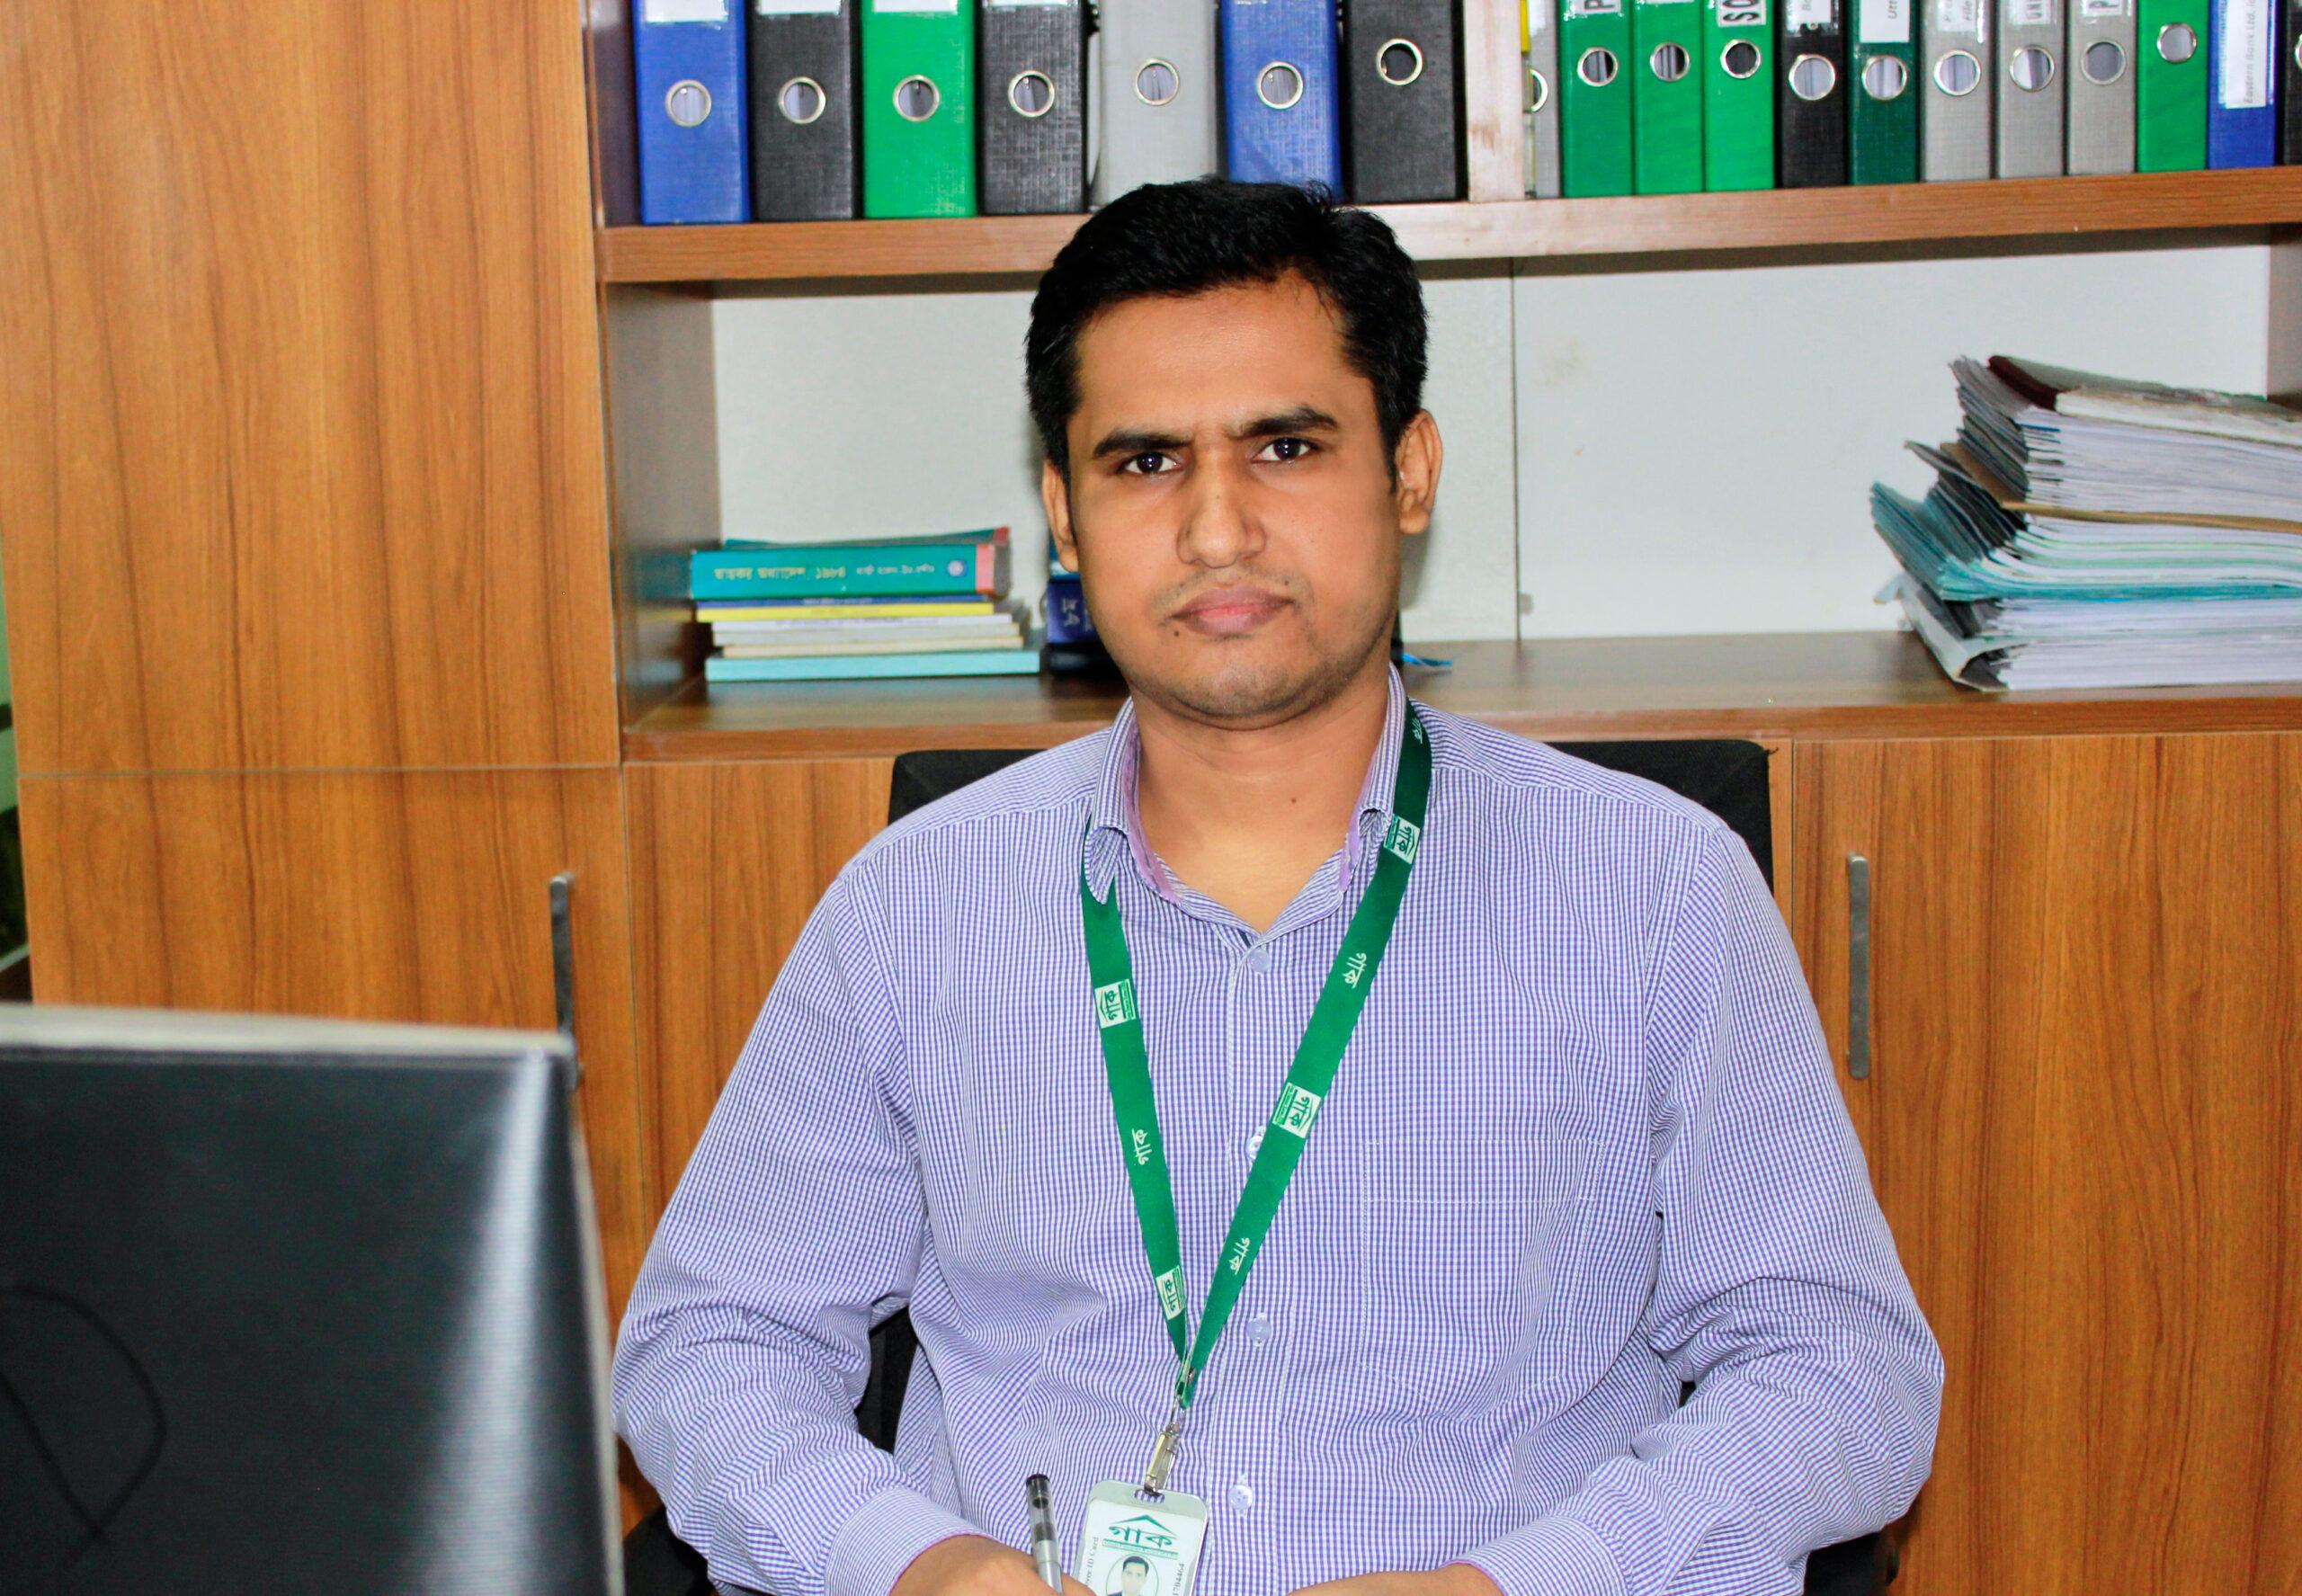 Khorshed Alam